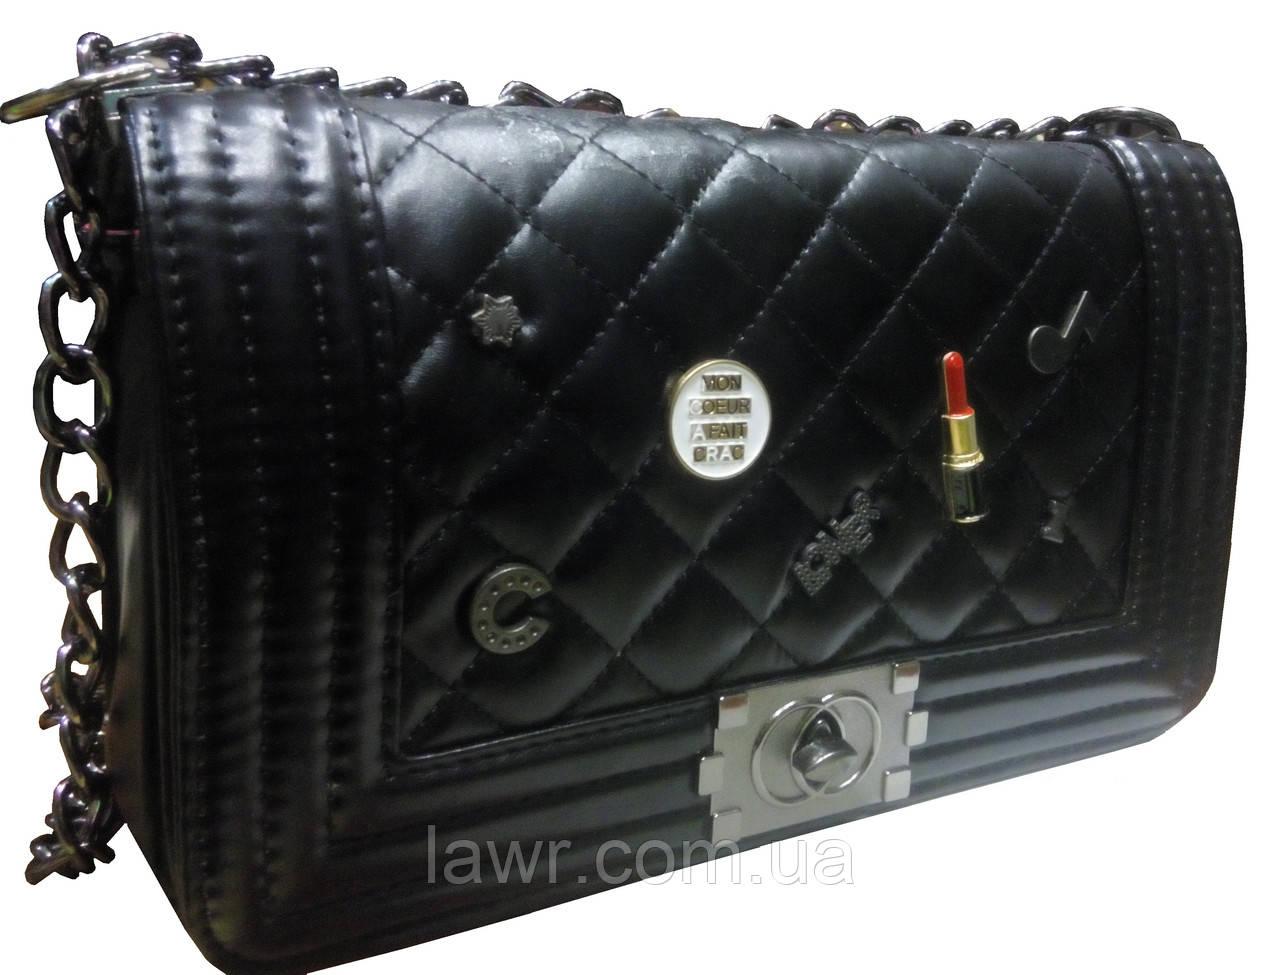 Купить Женская сумка клатч Chanel BOY, Шанель (ЧЕРНЫЙ), 014 в ... 859abdc0c60